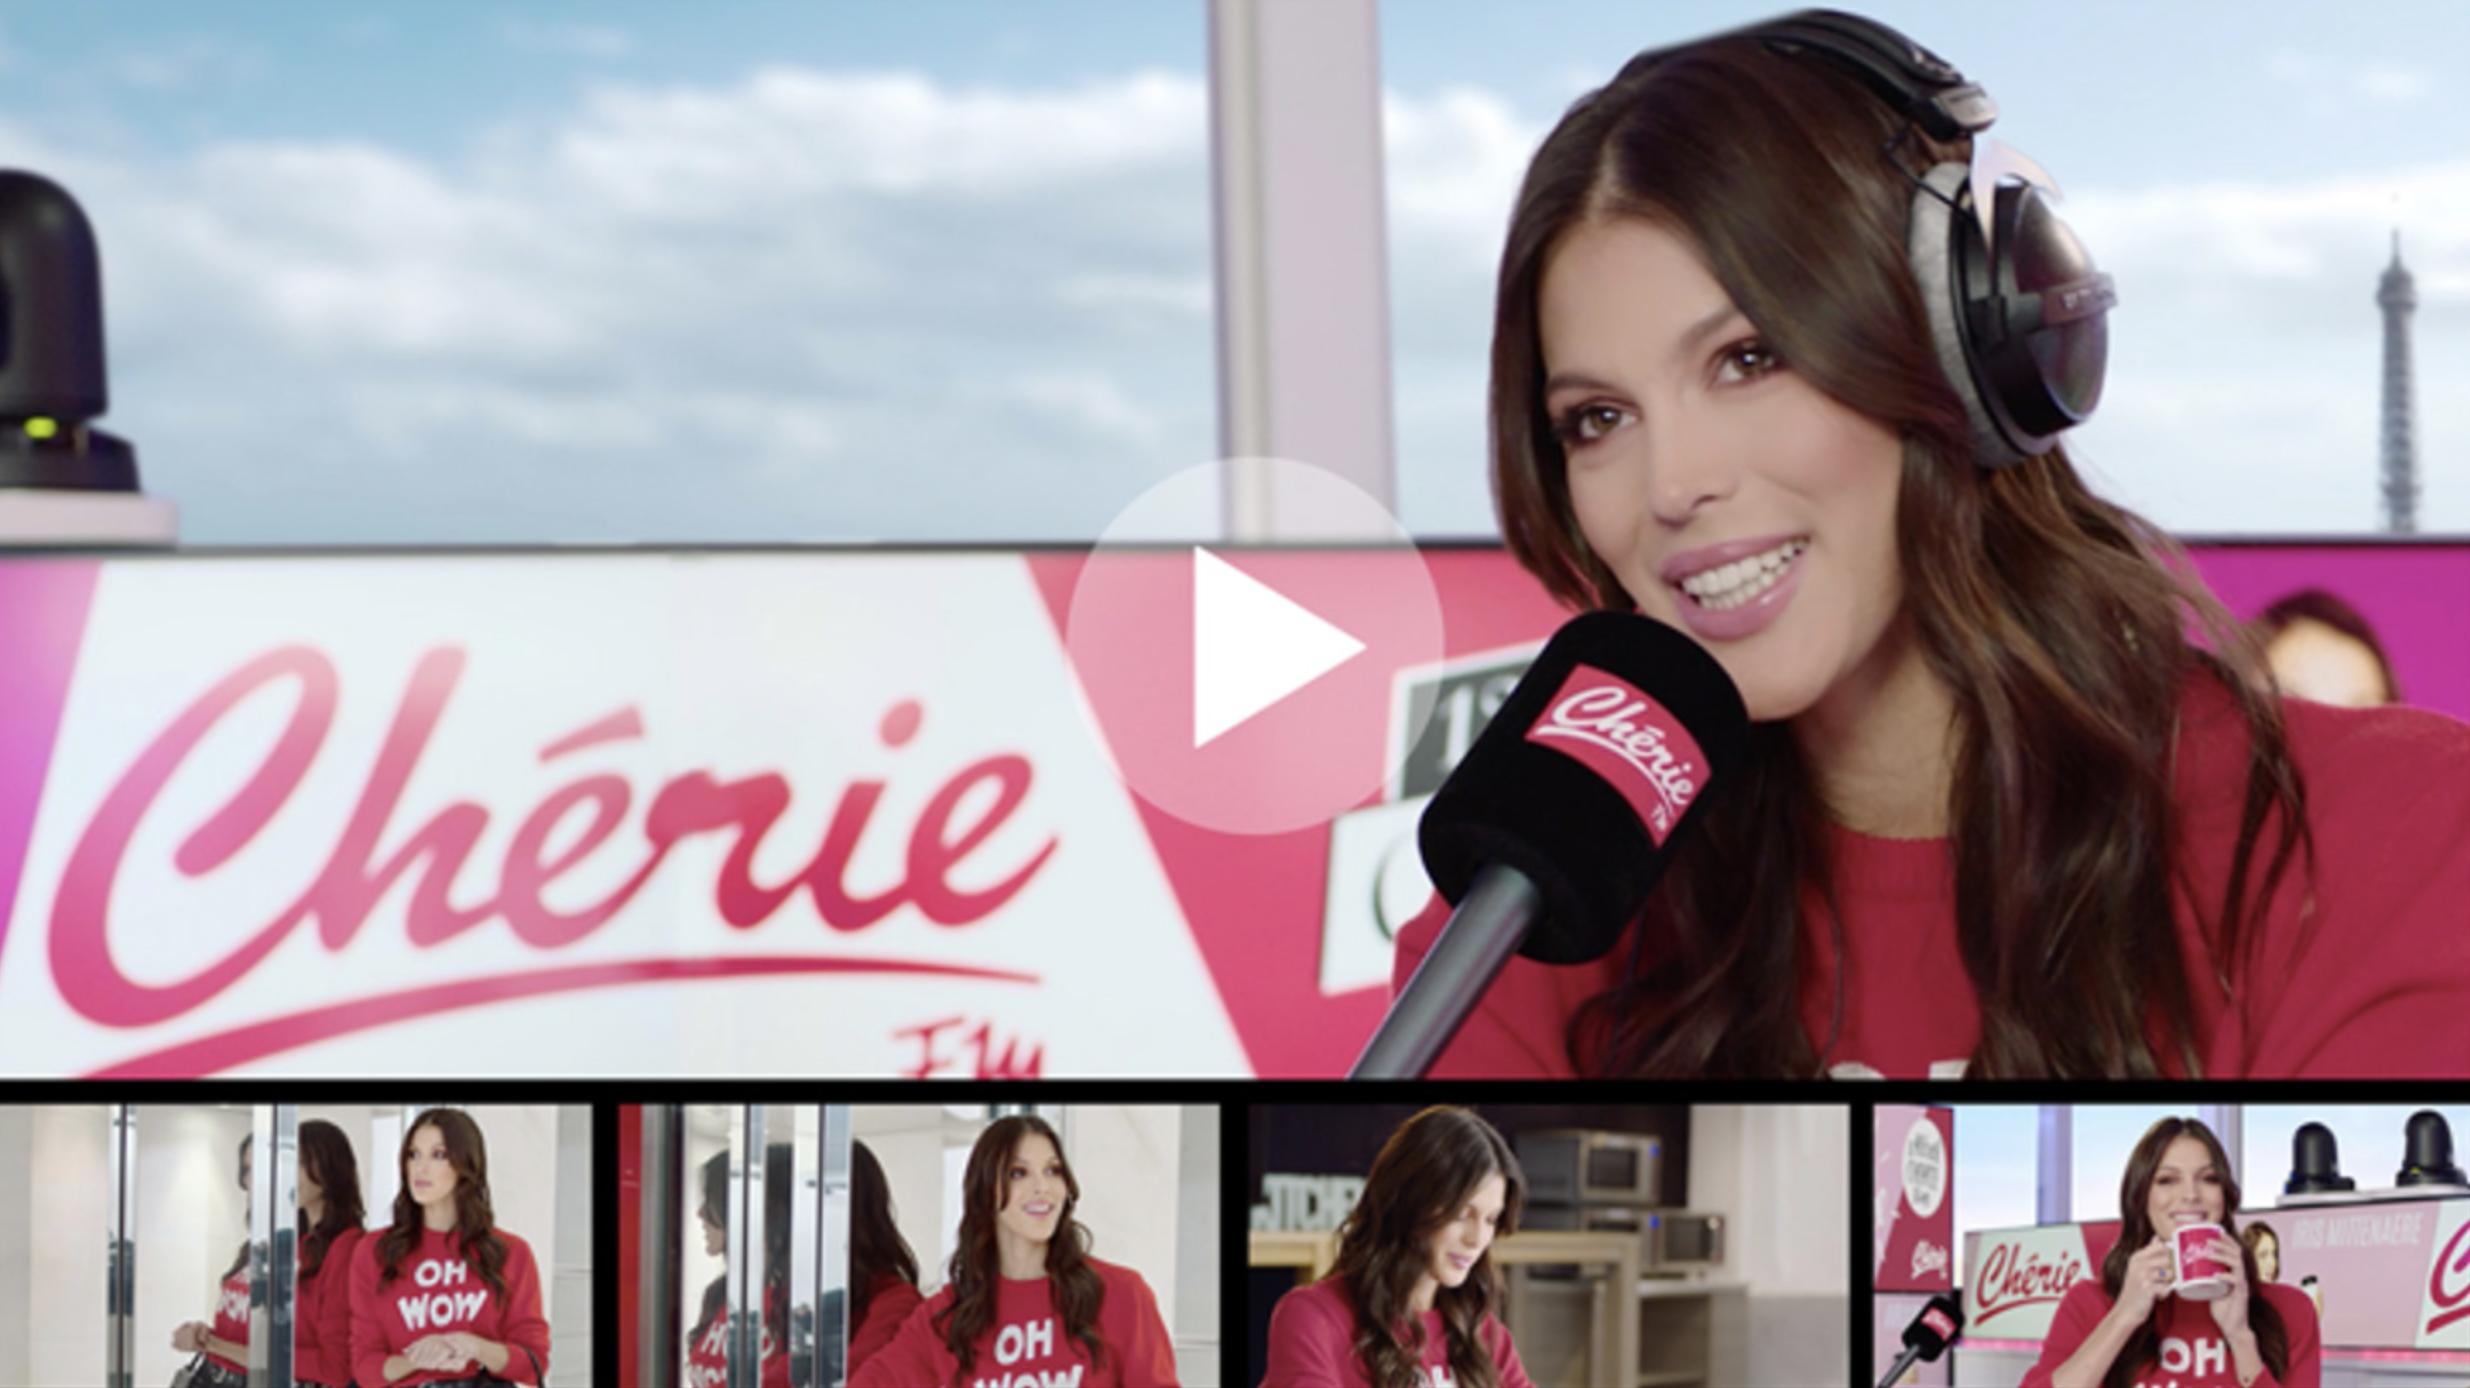 """Chérie FM : une campagne pour le """"Chérie Lunch"""" avec Iris Mittenaere"""